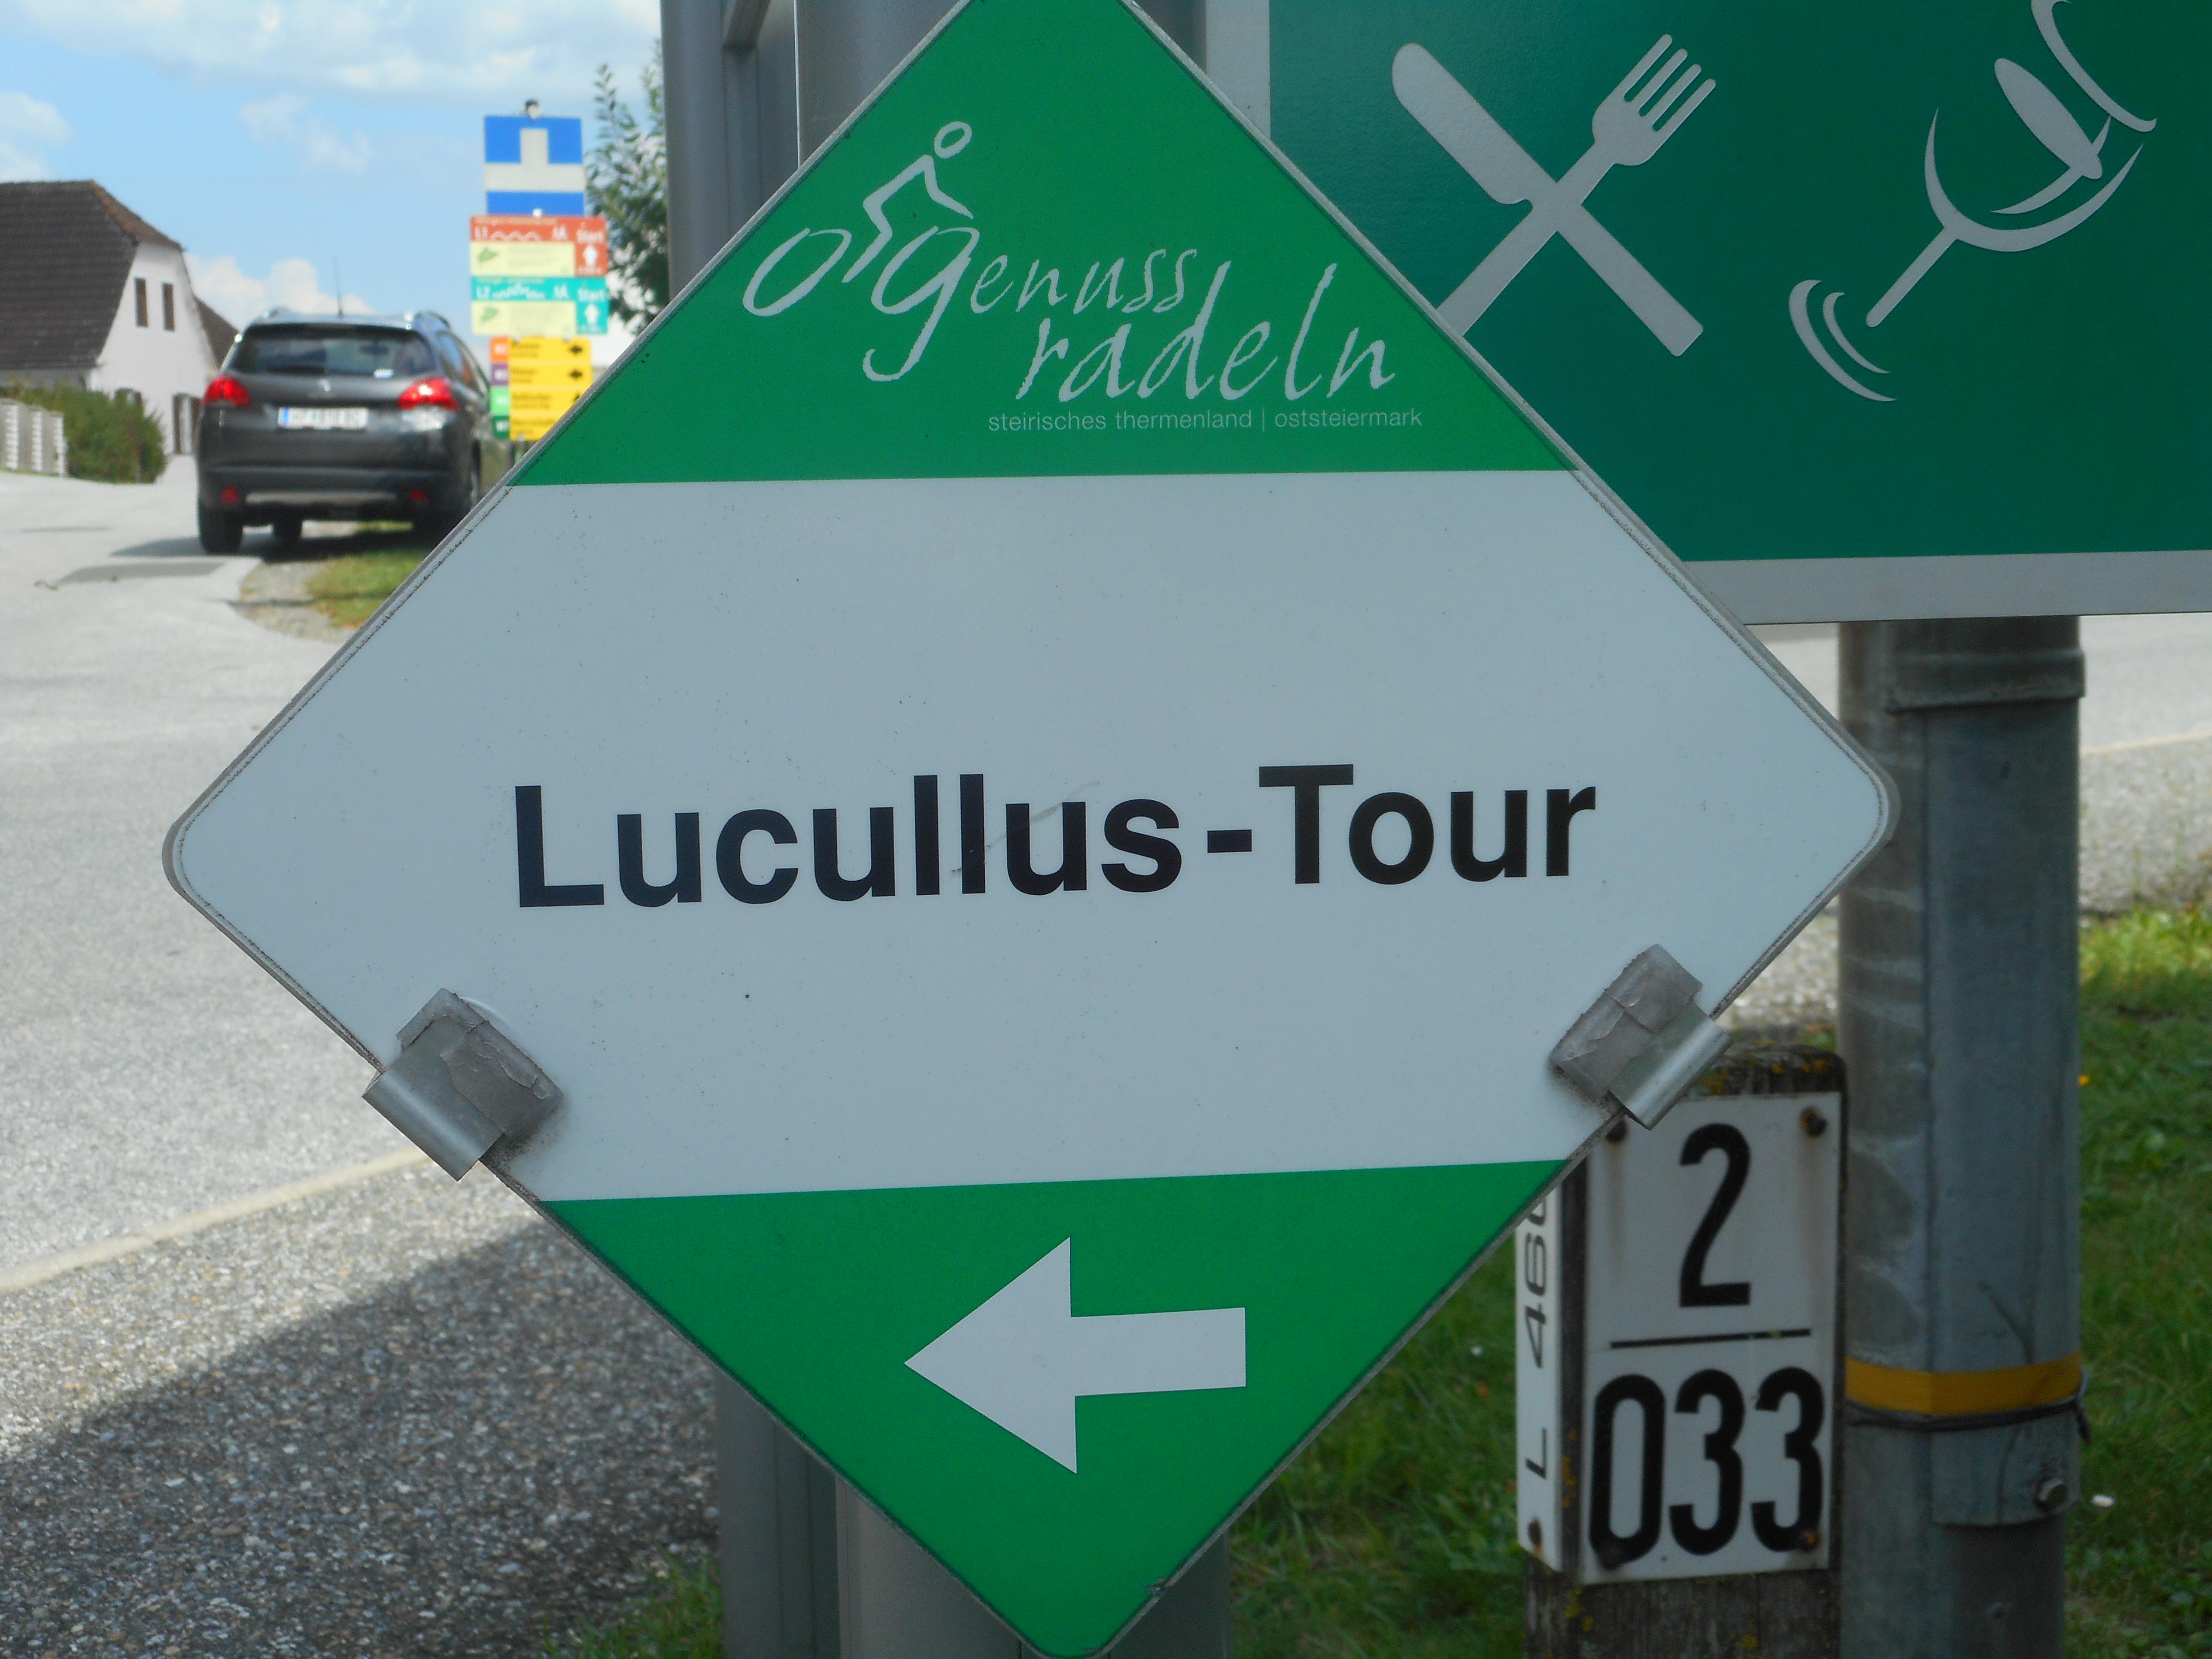 Lucullus Tour